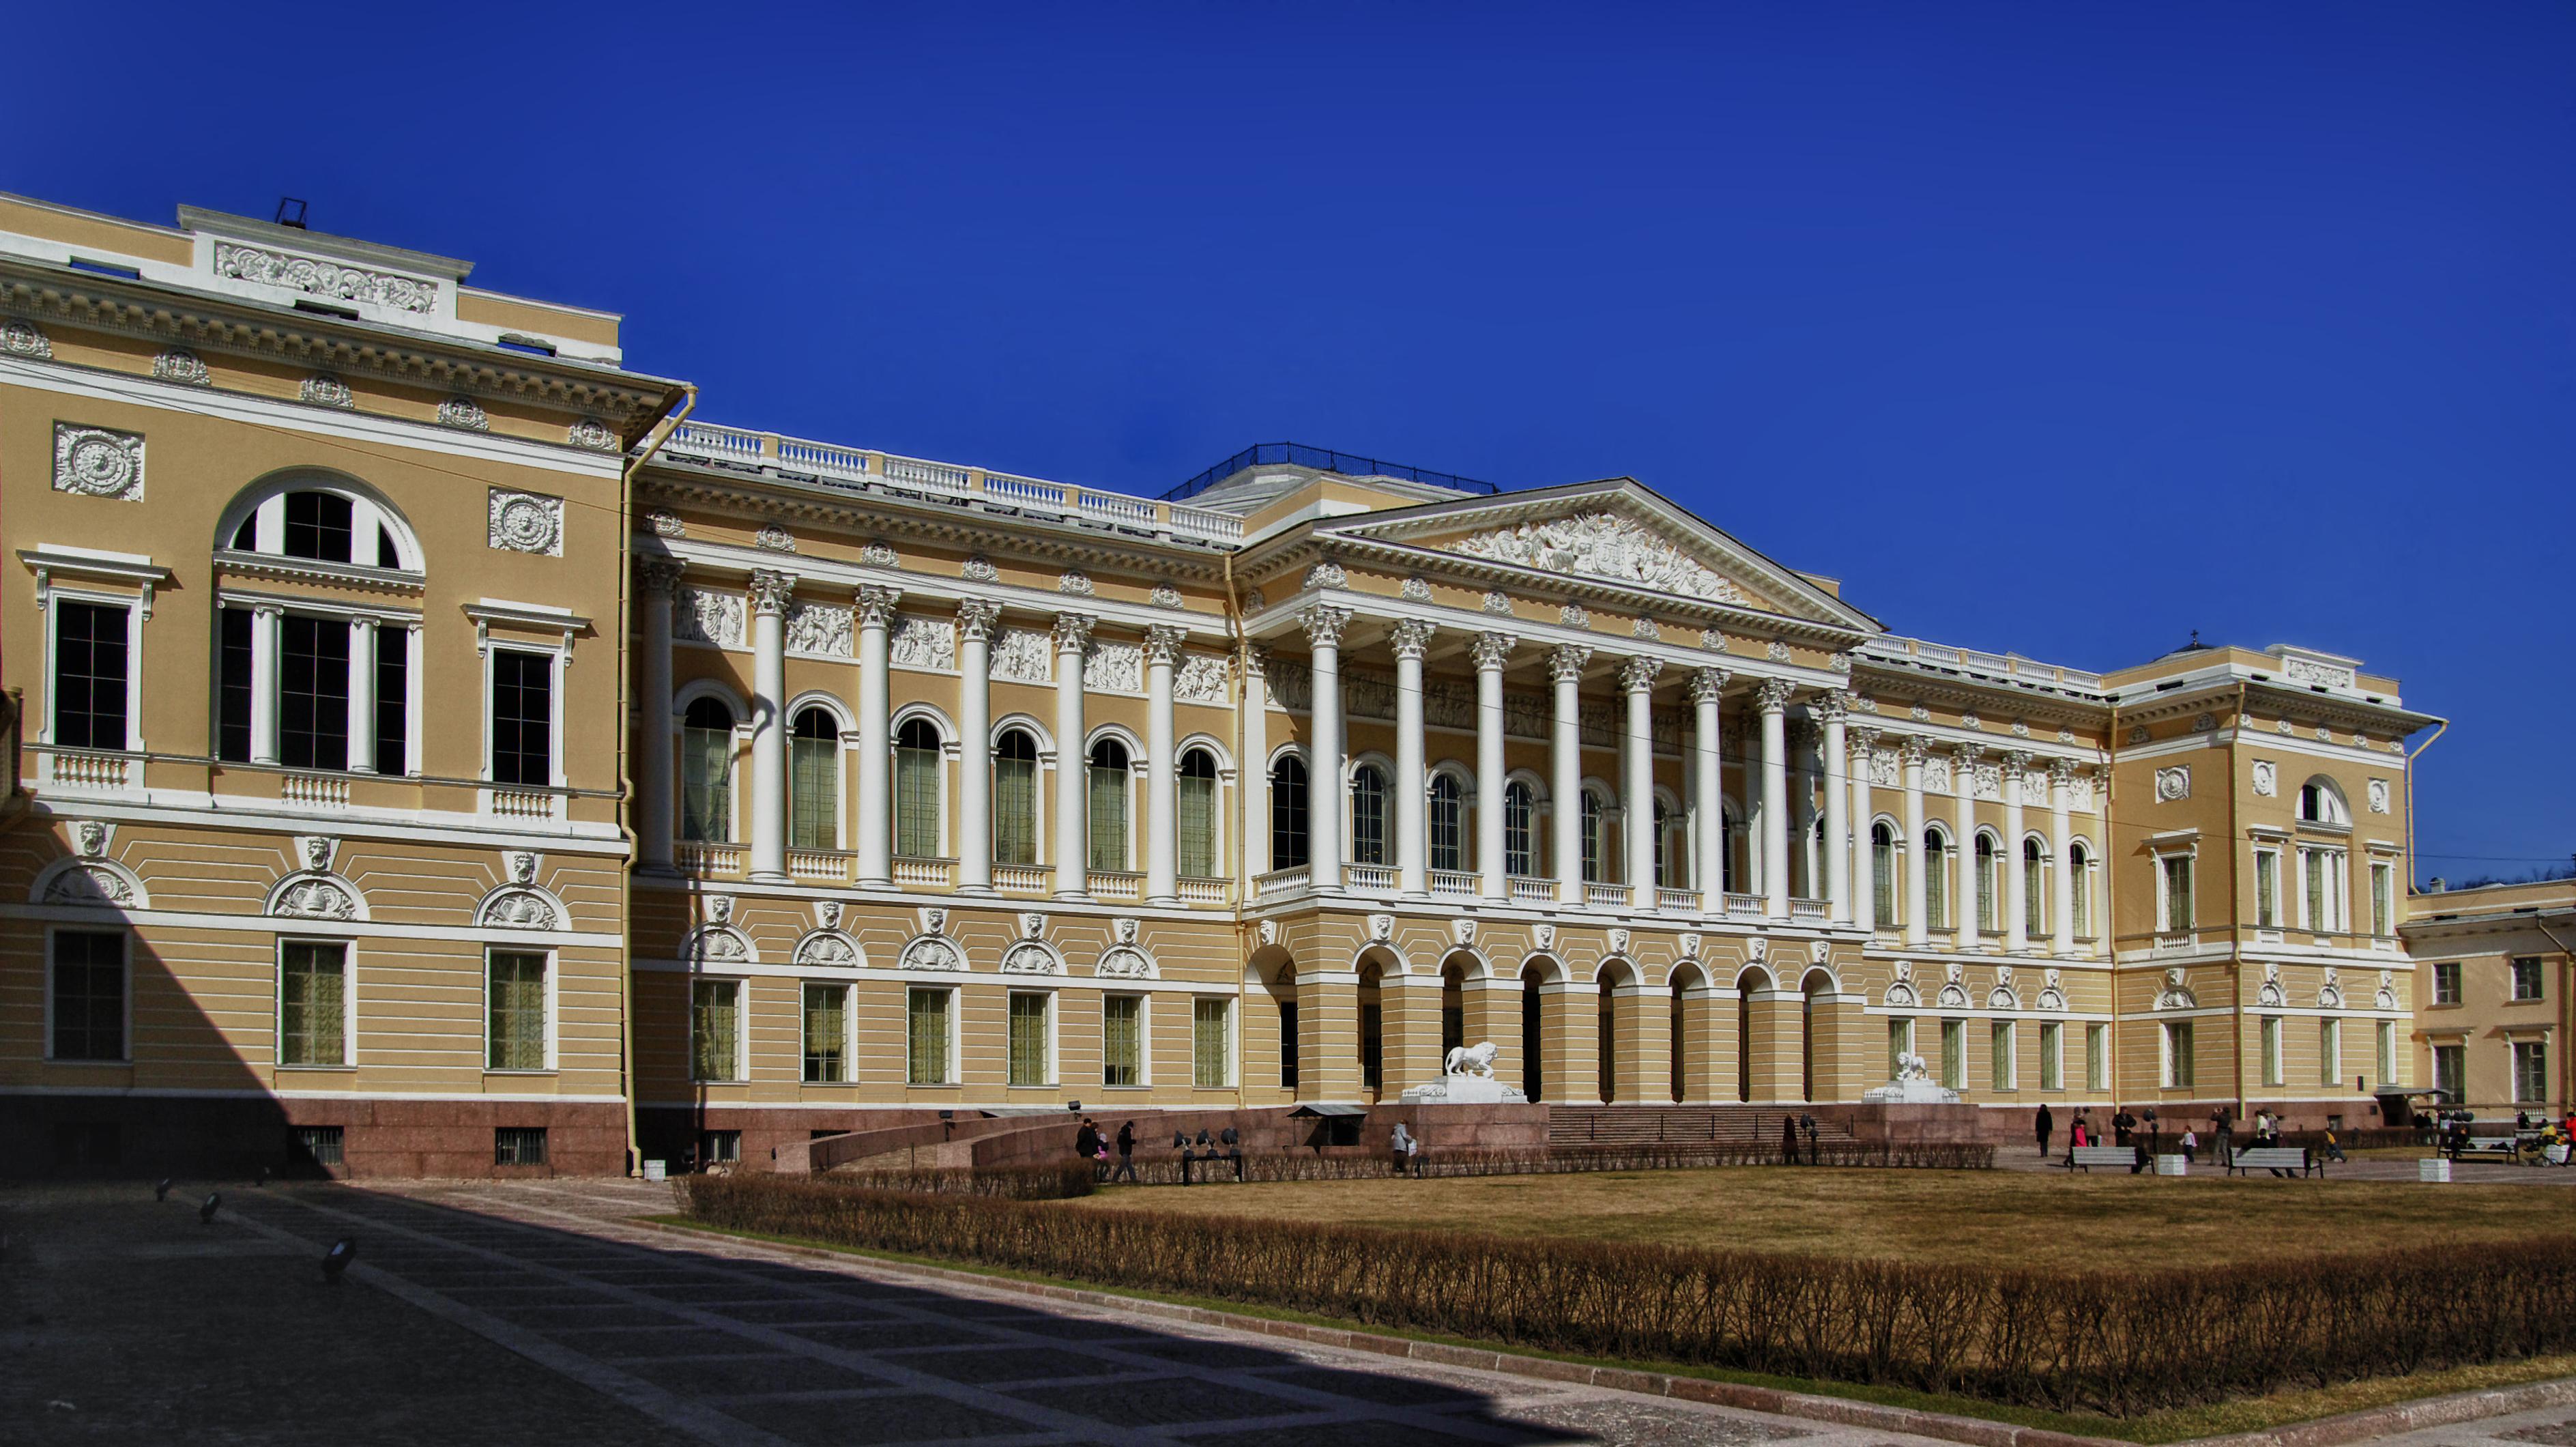 Mikhaylovsky Palace on 17 April 2011